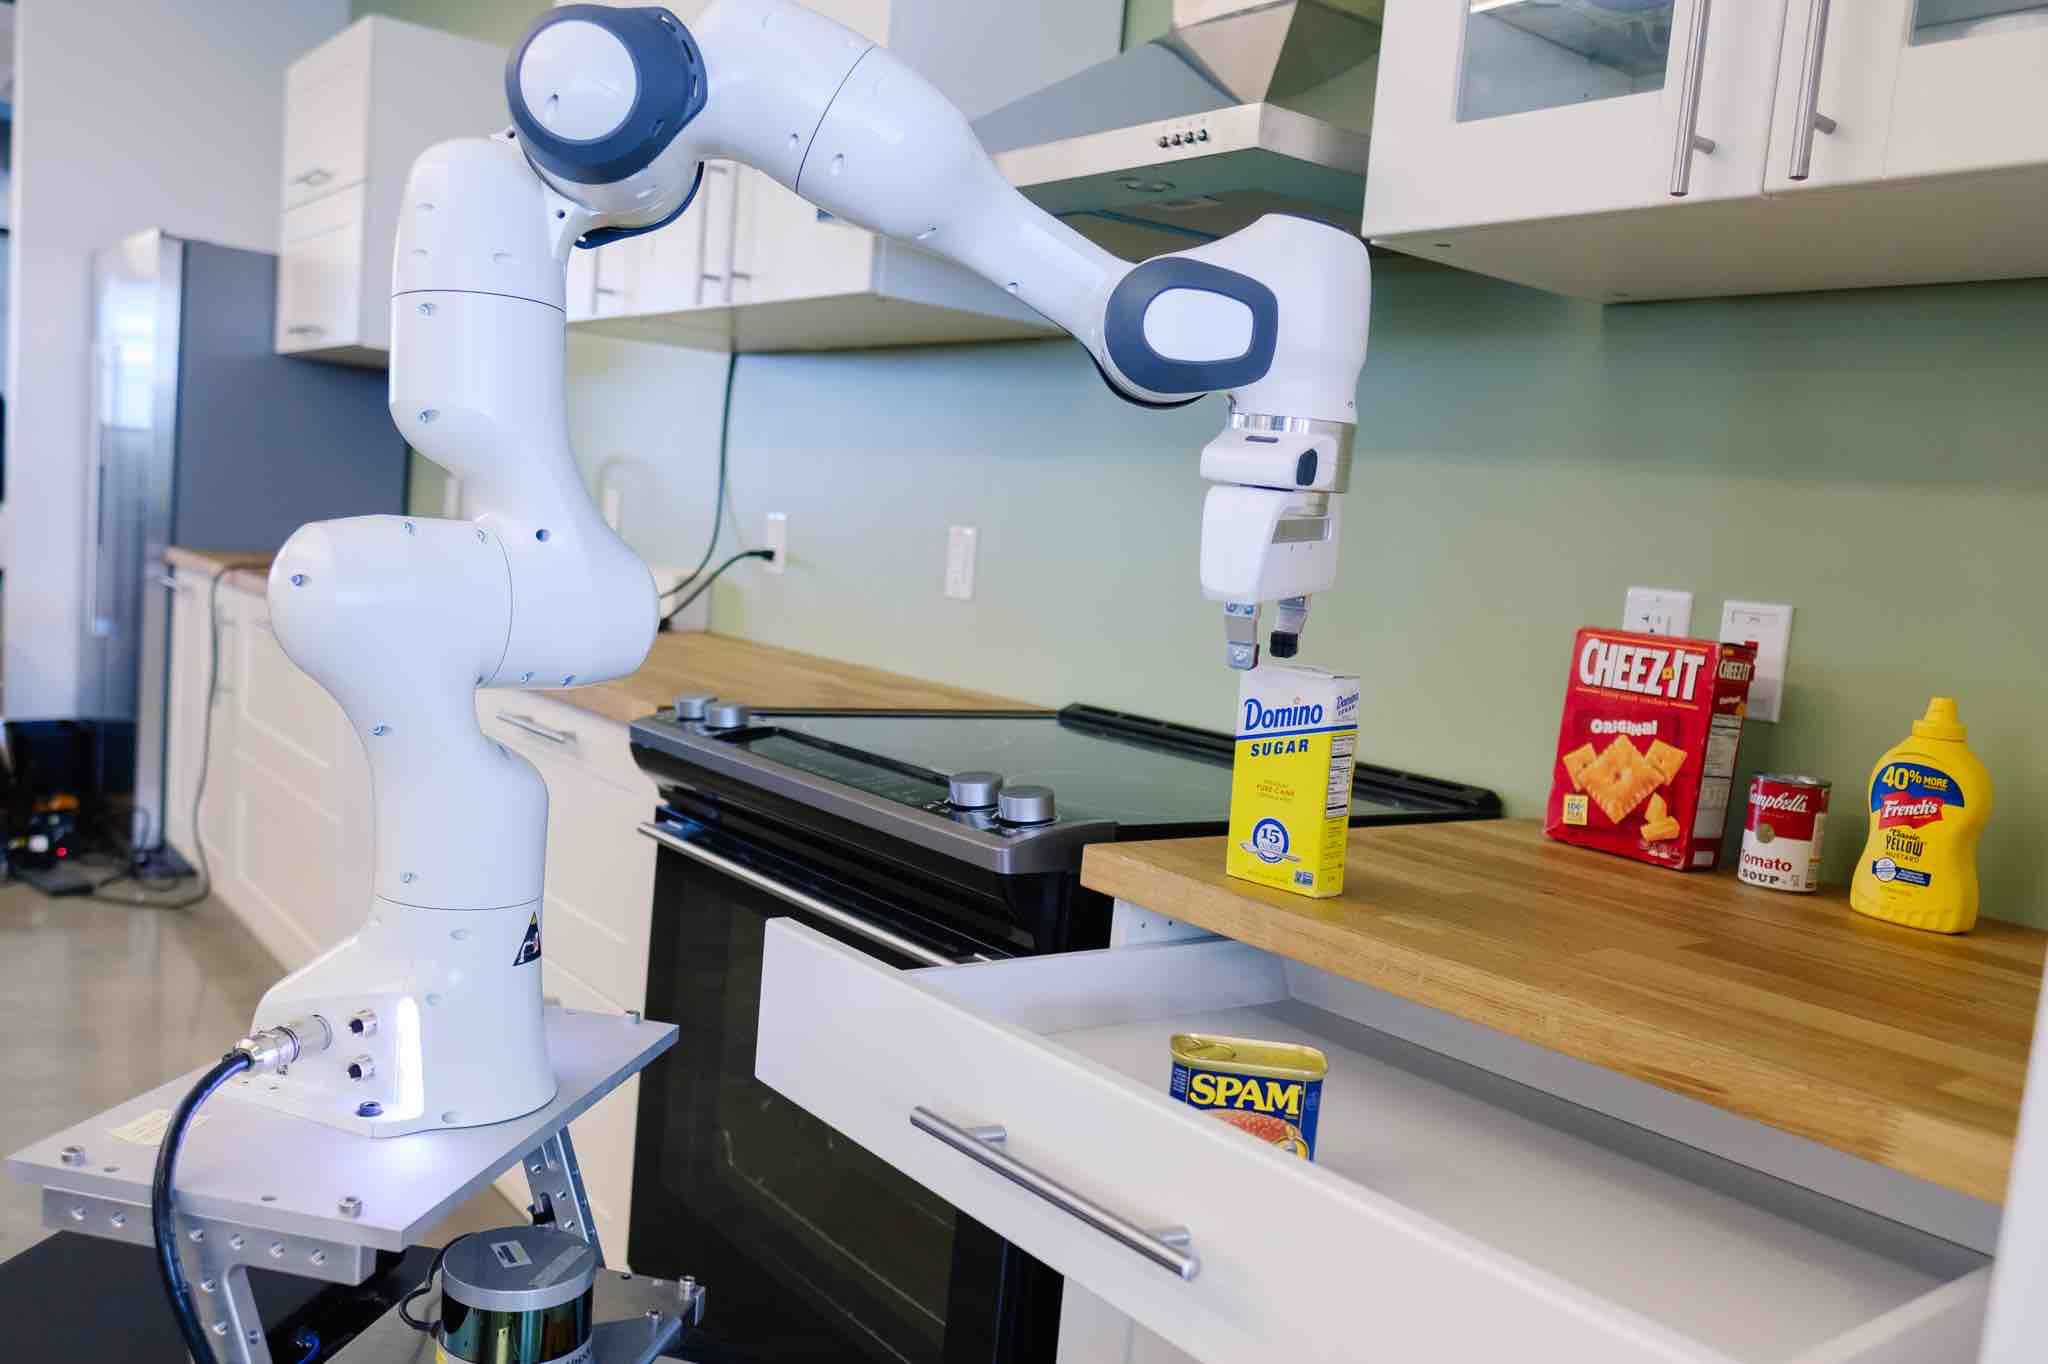 SEA-Robotics